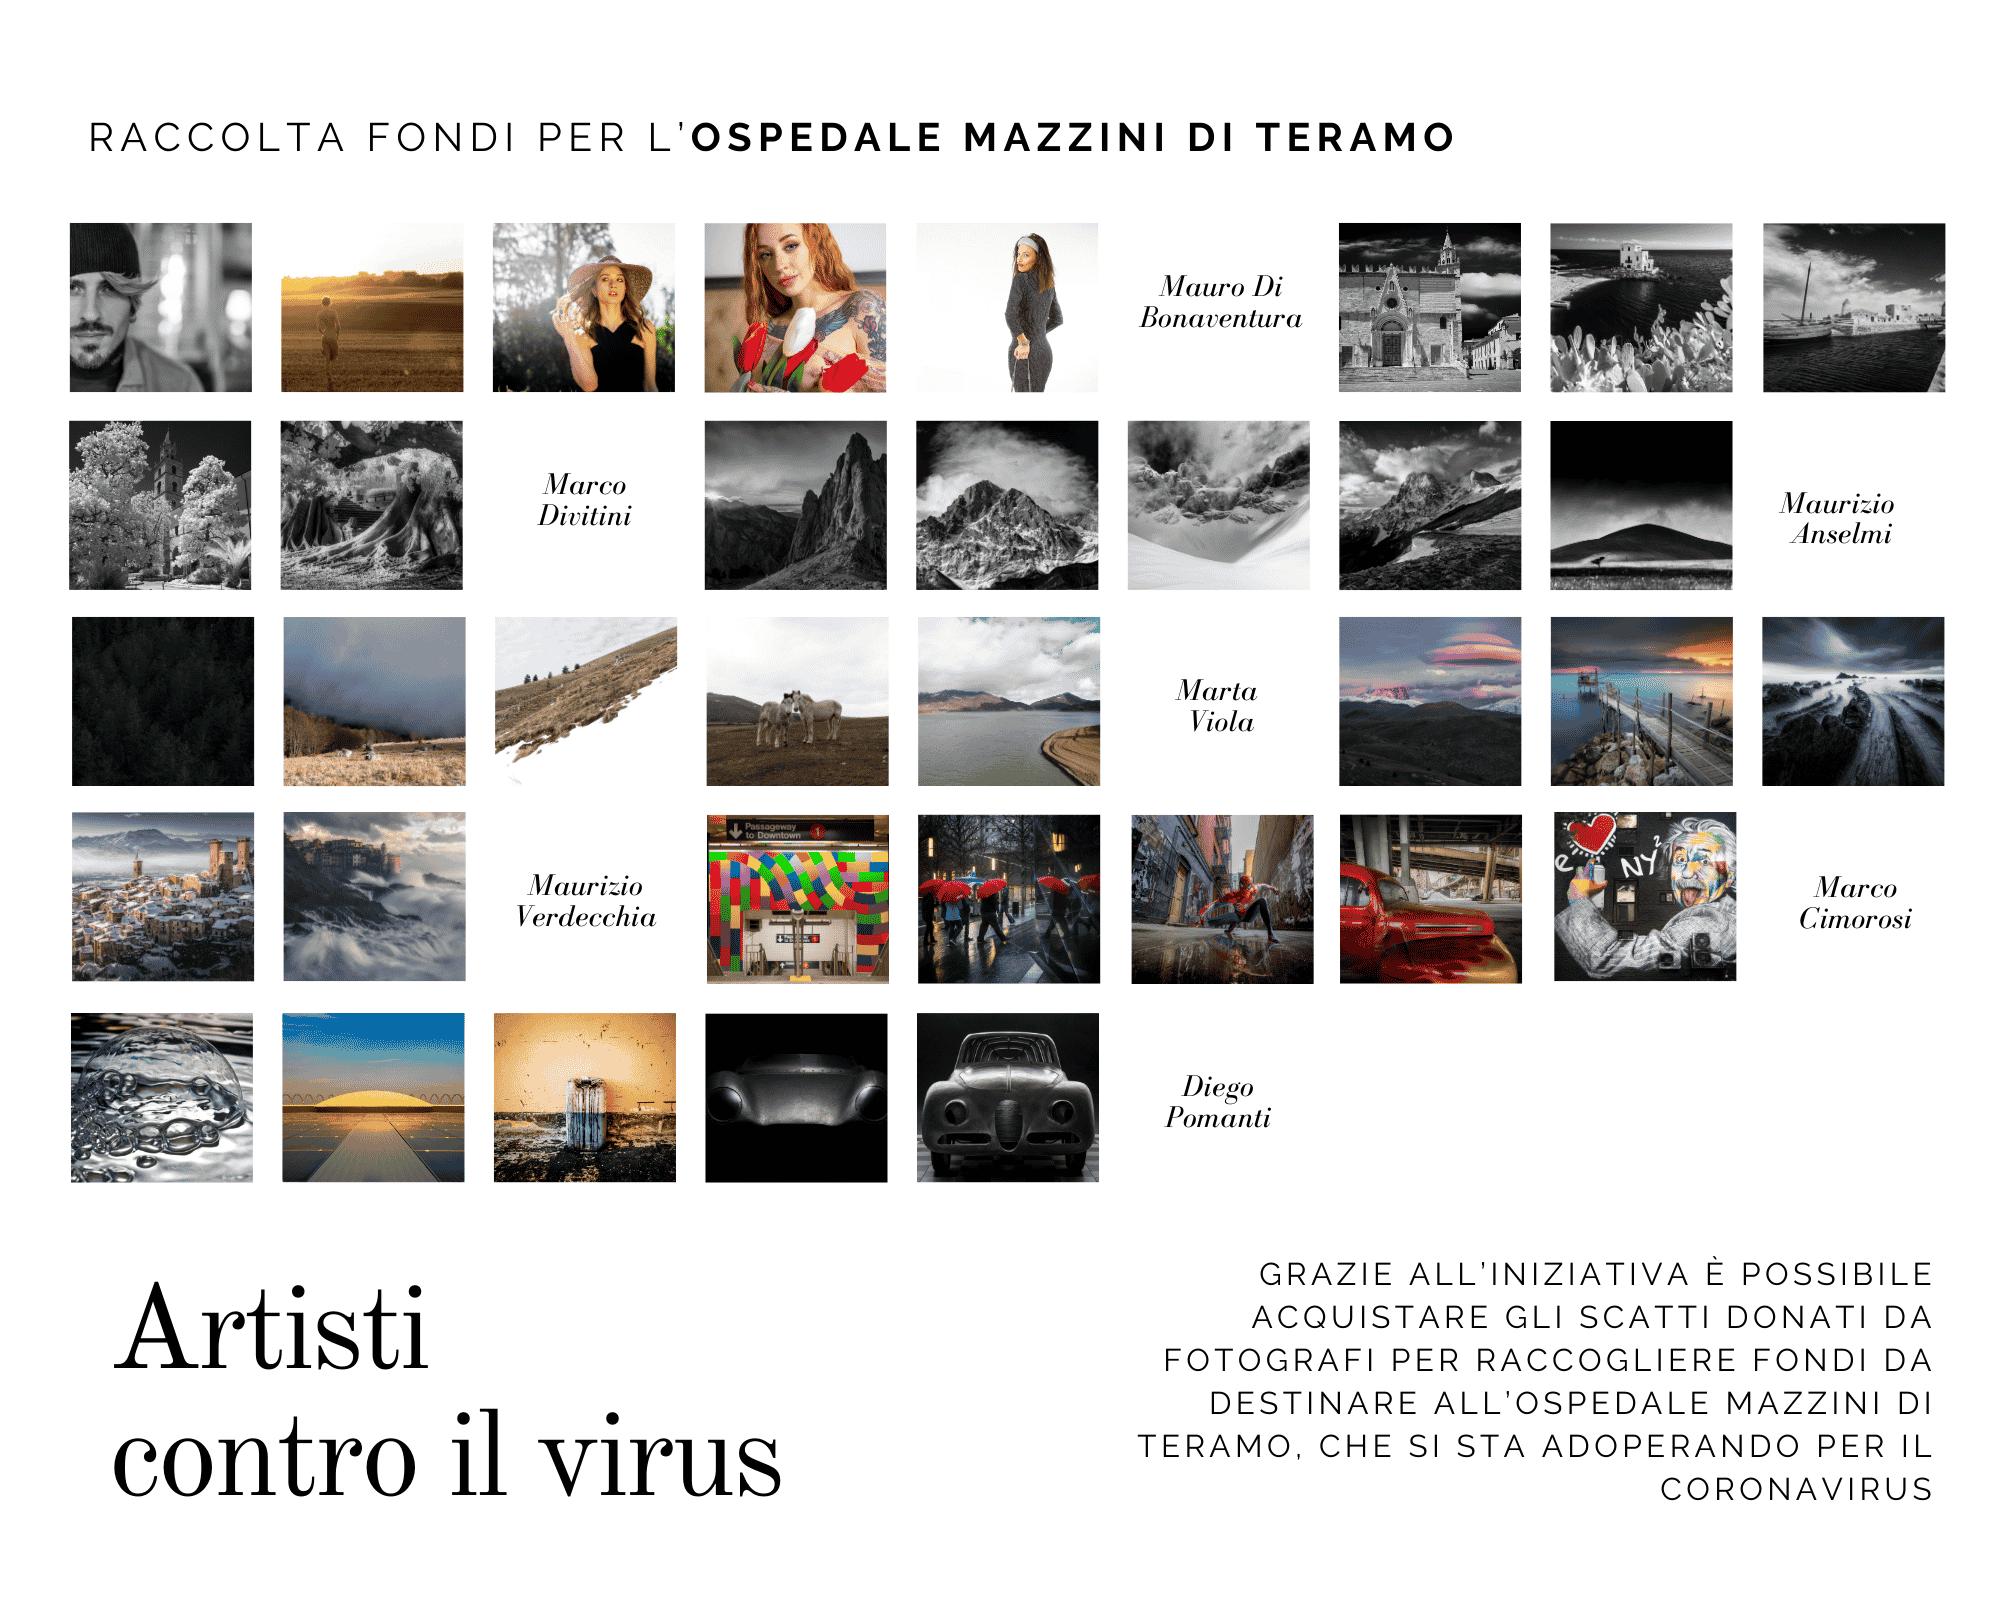 artisti contro il virus